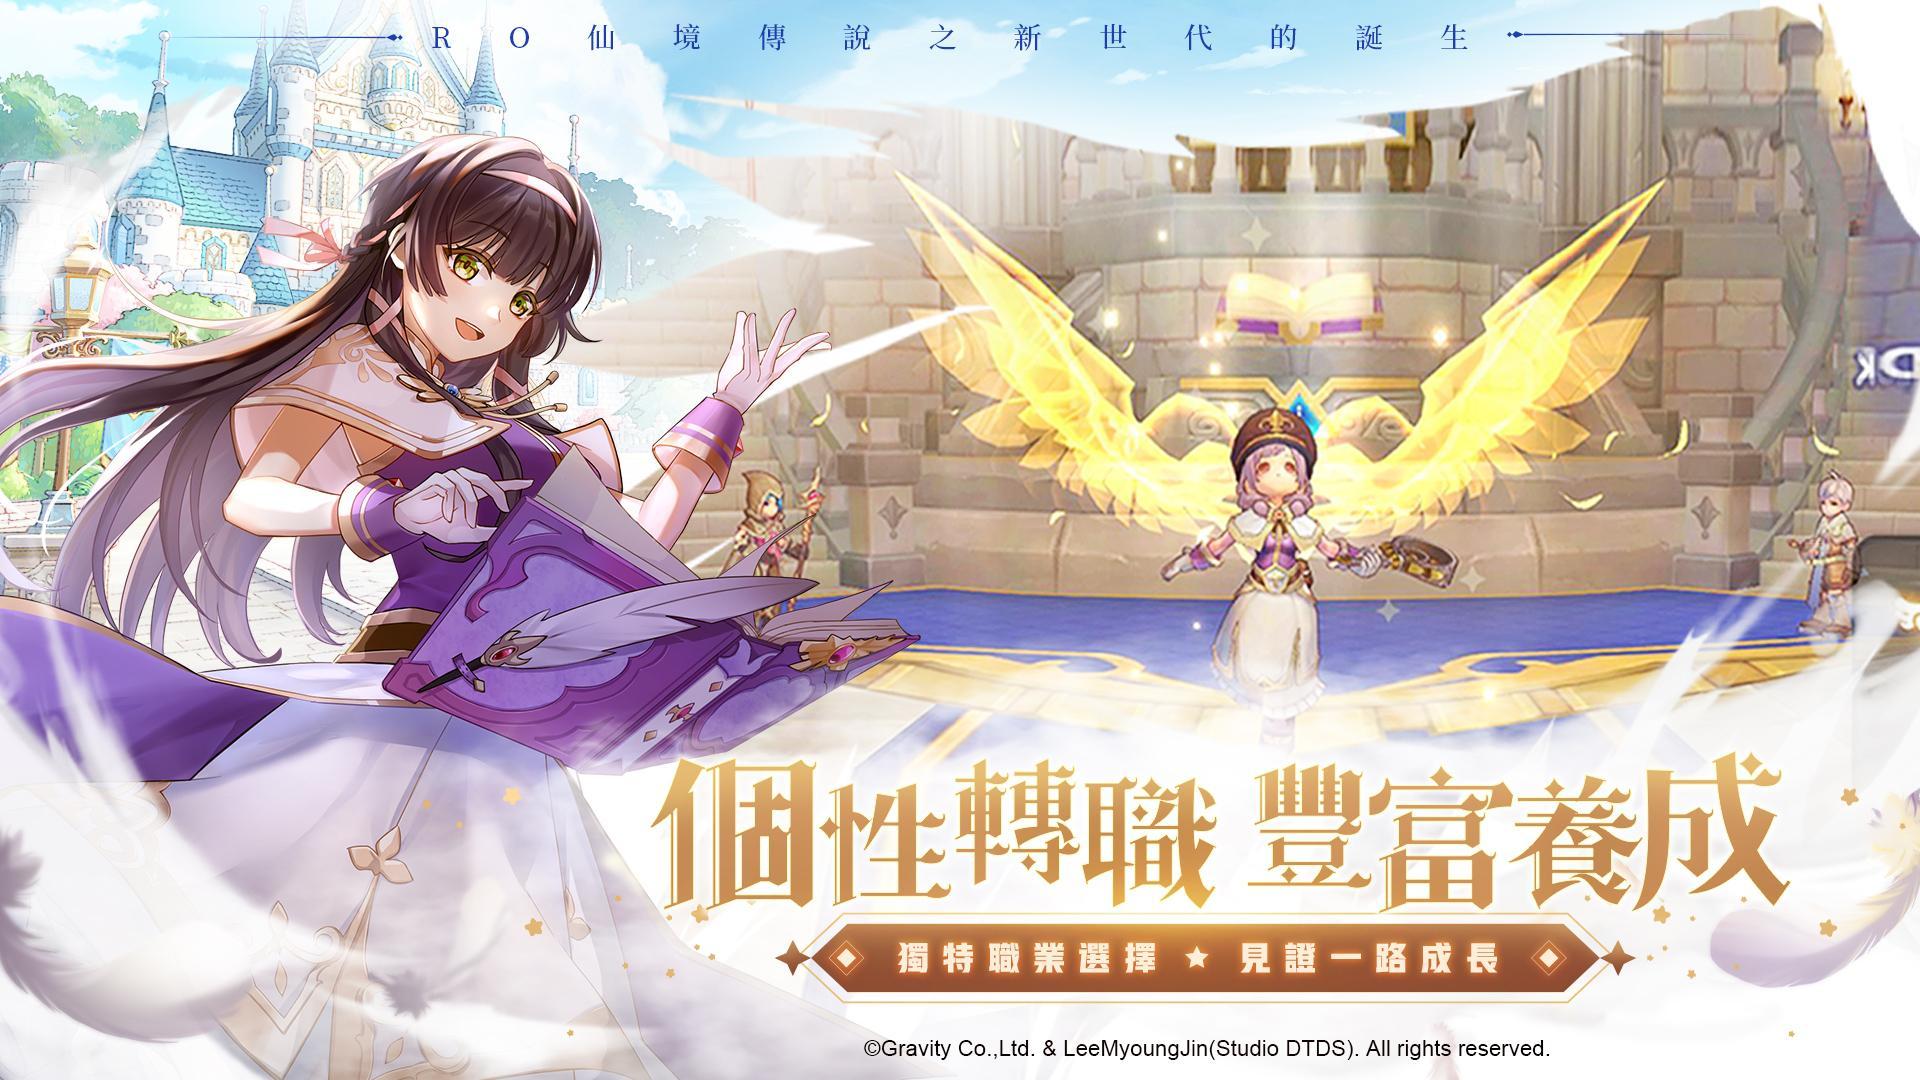 《RO仙境傳說:新世代的誕生》將於10月15日正式上市 雙平臺預先註冊火熱進行中 - 香港手機遊戲網 GameApps.hk